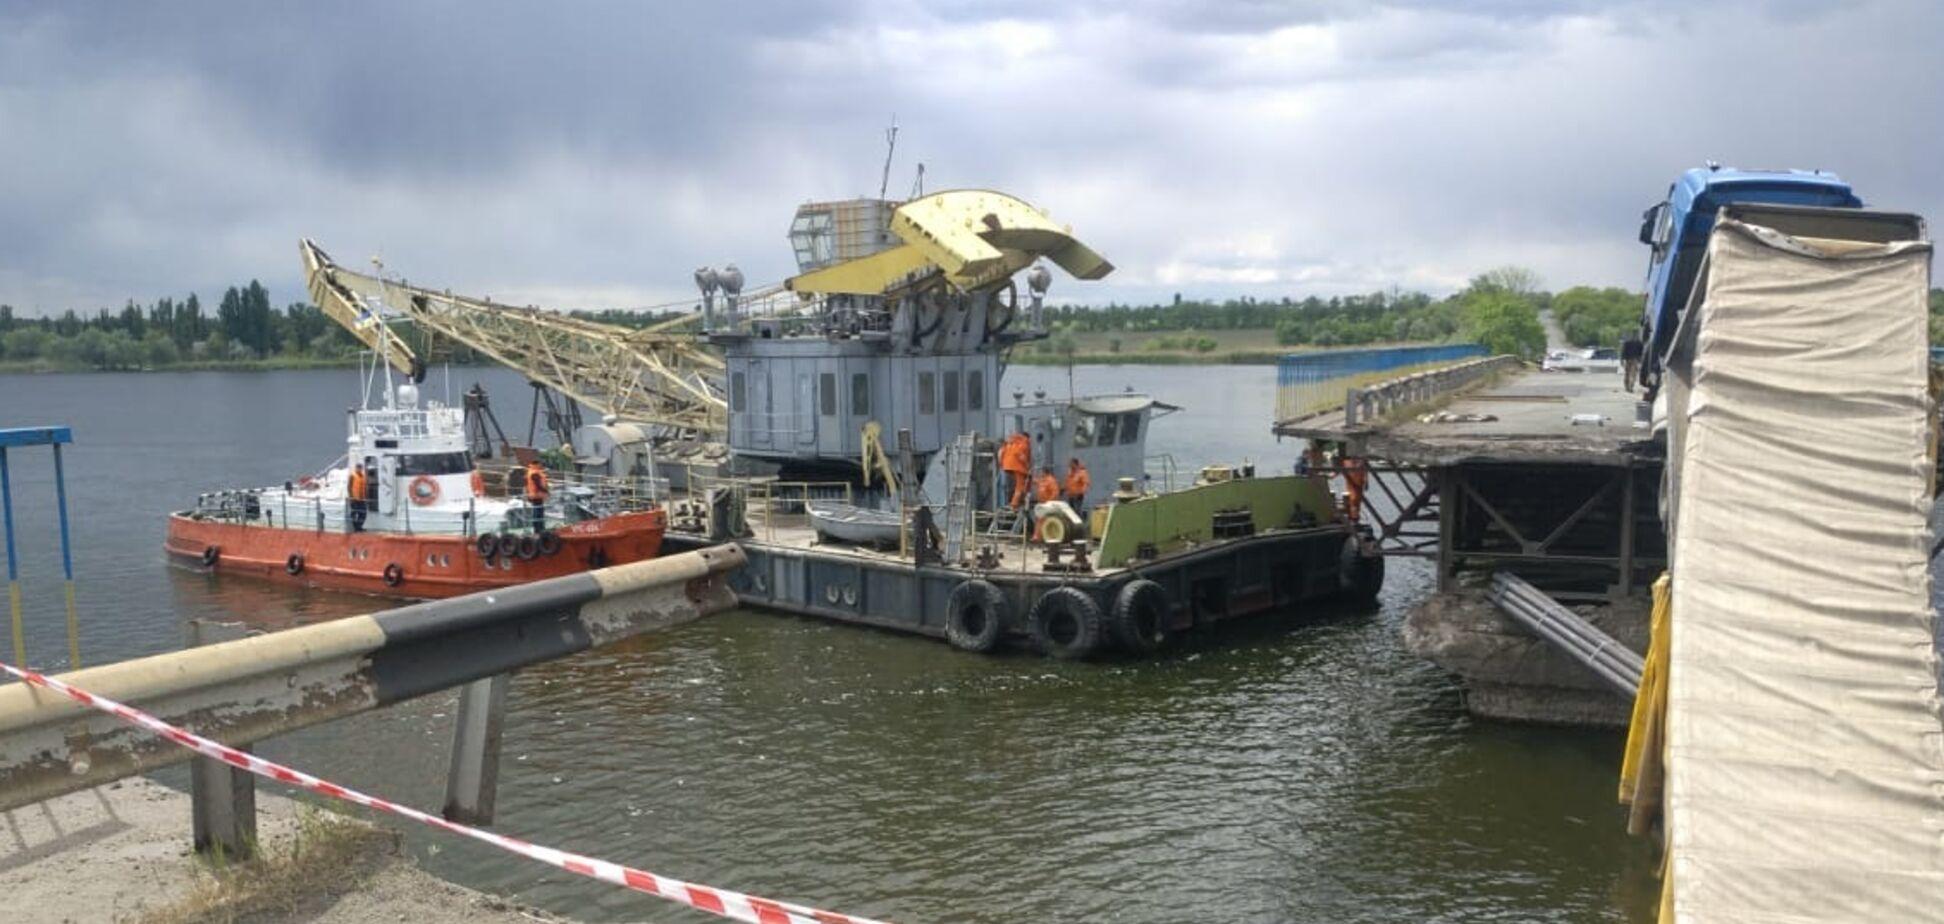 Обрушение моста под Днепром: фуру до сих пор не могут достать из воды. Видео